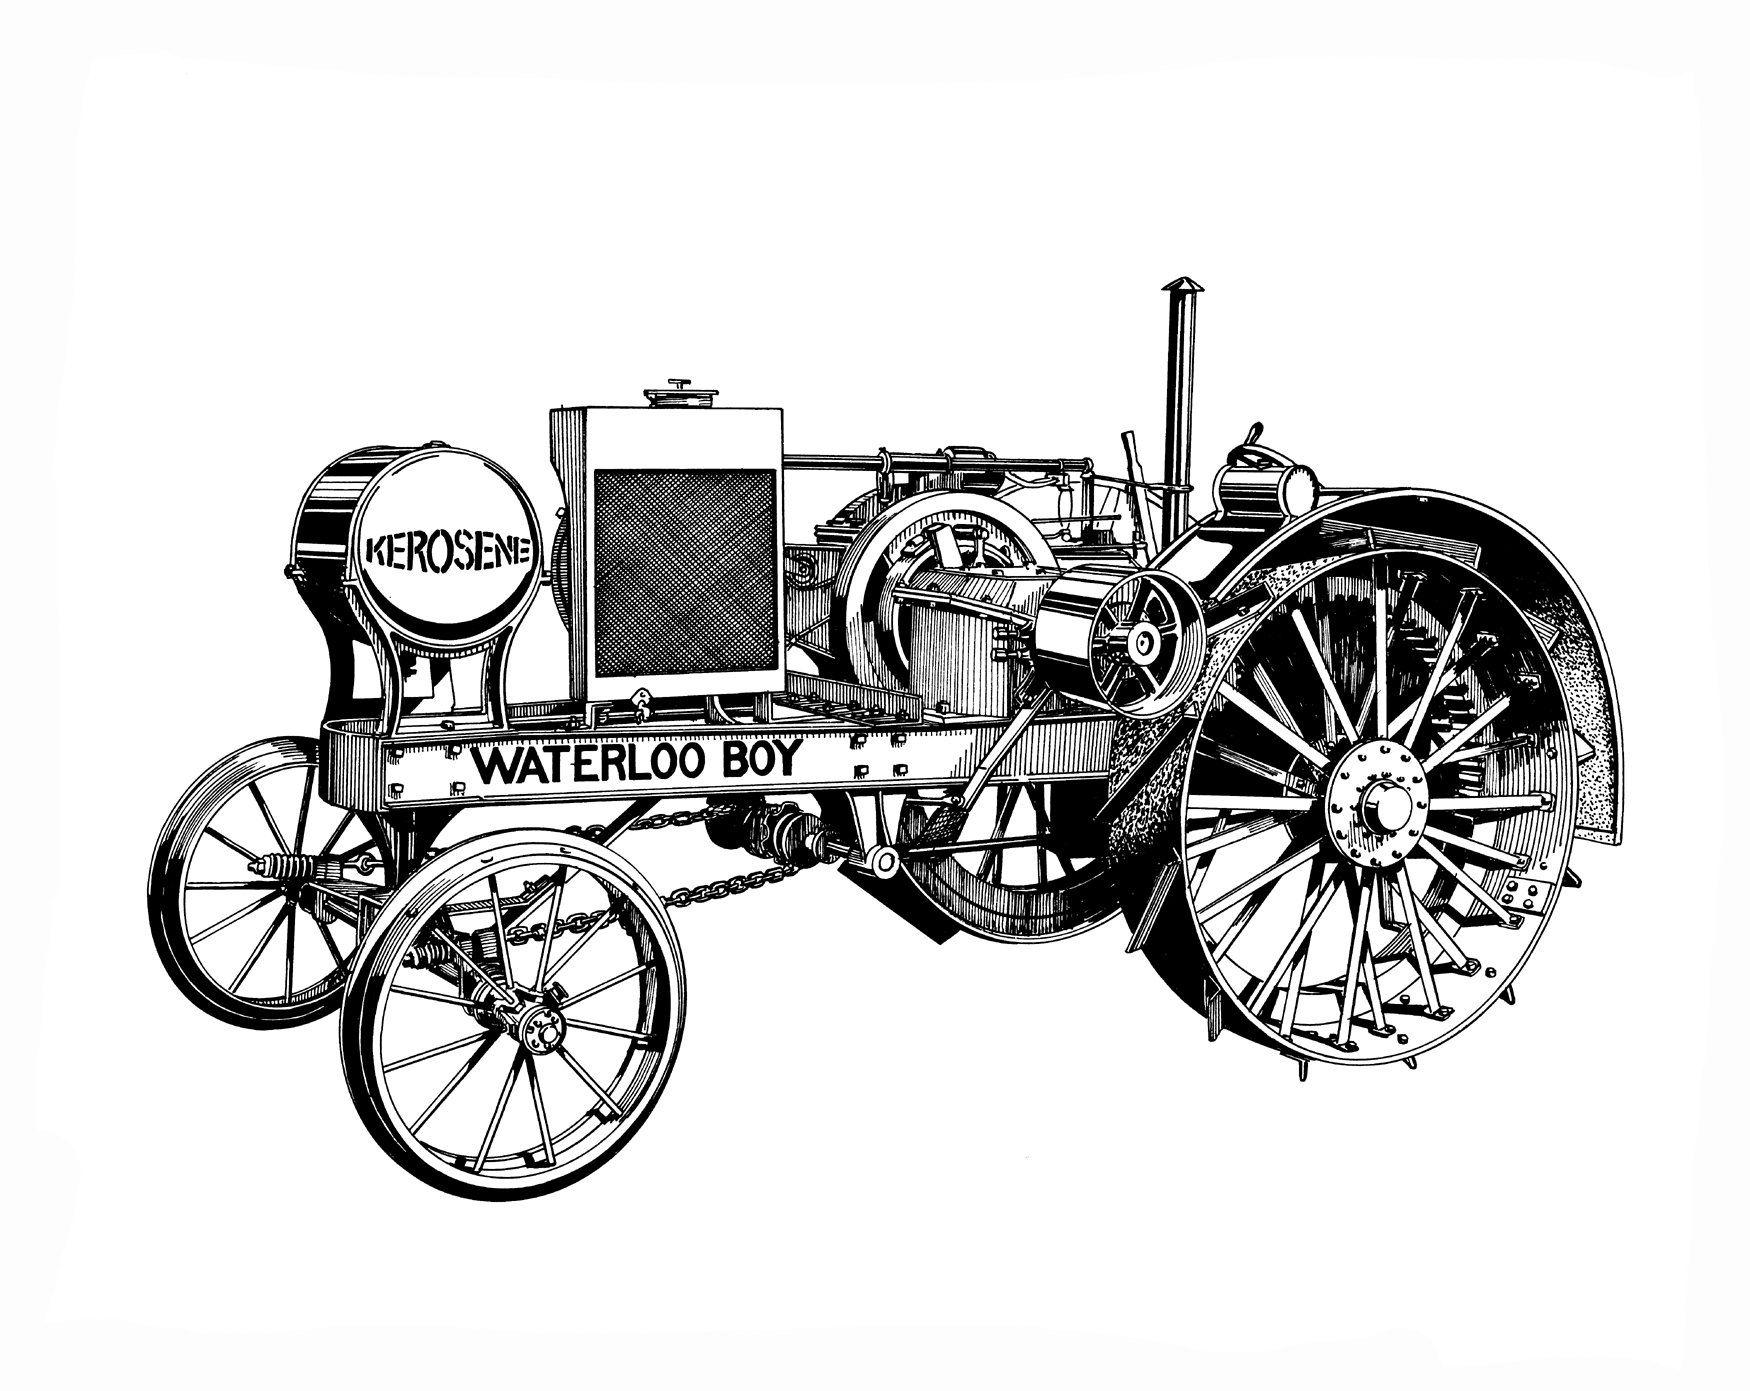 Waterloo Boy Kerosene Tractor John Deere